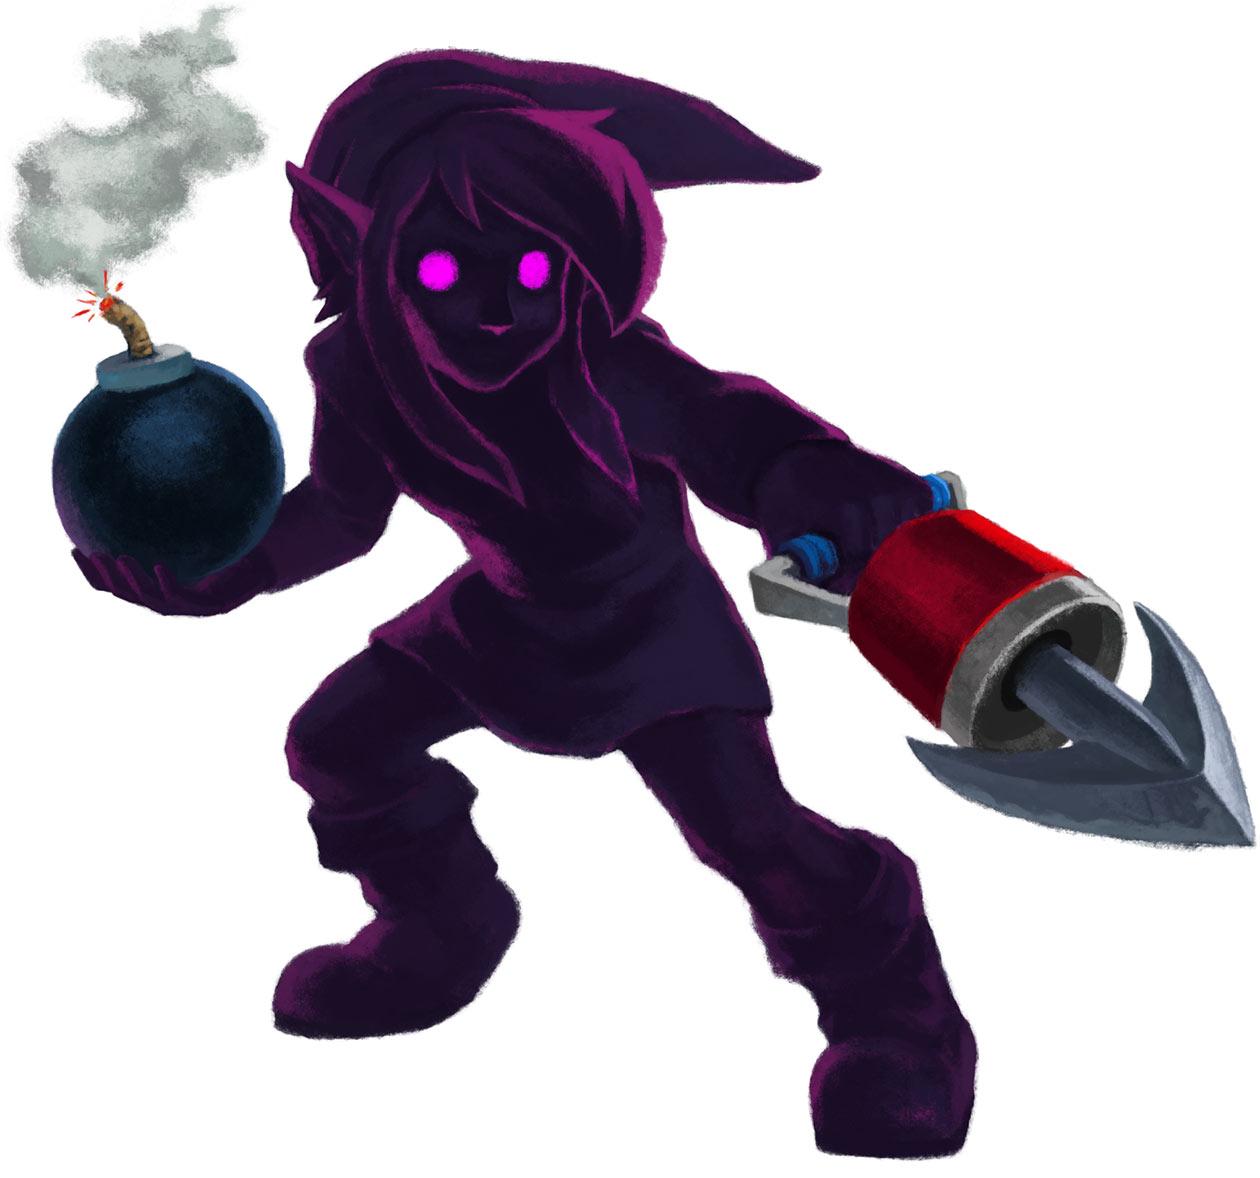 Dark Link Characters Art The Legend Of Zelda A Link